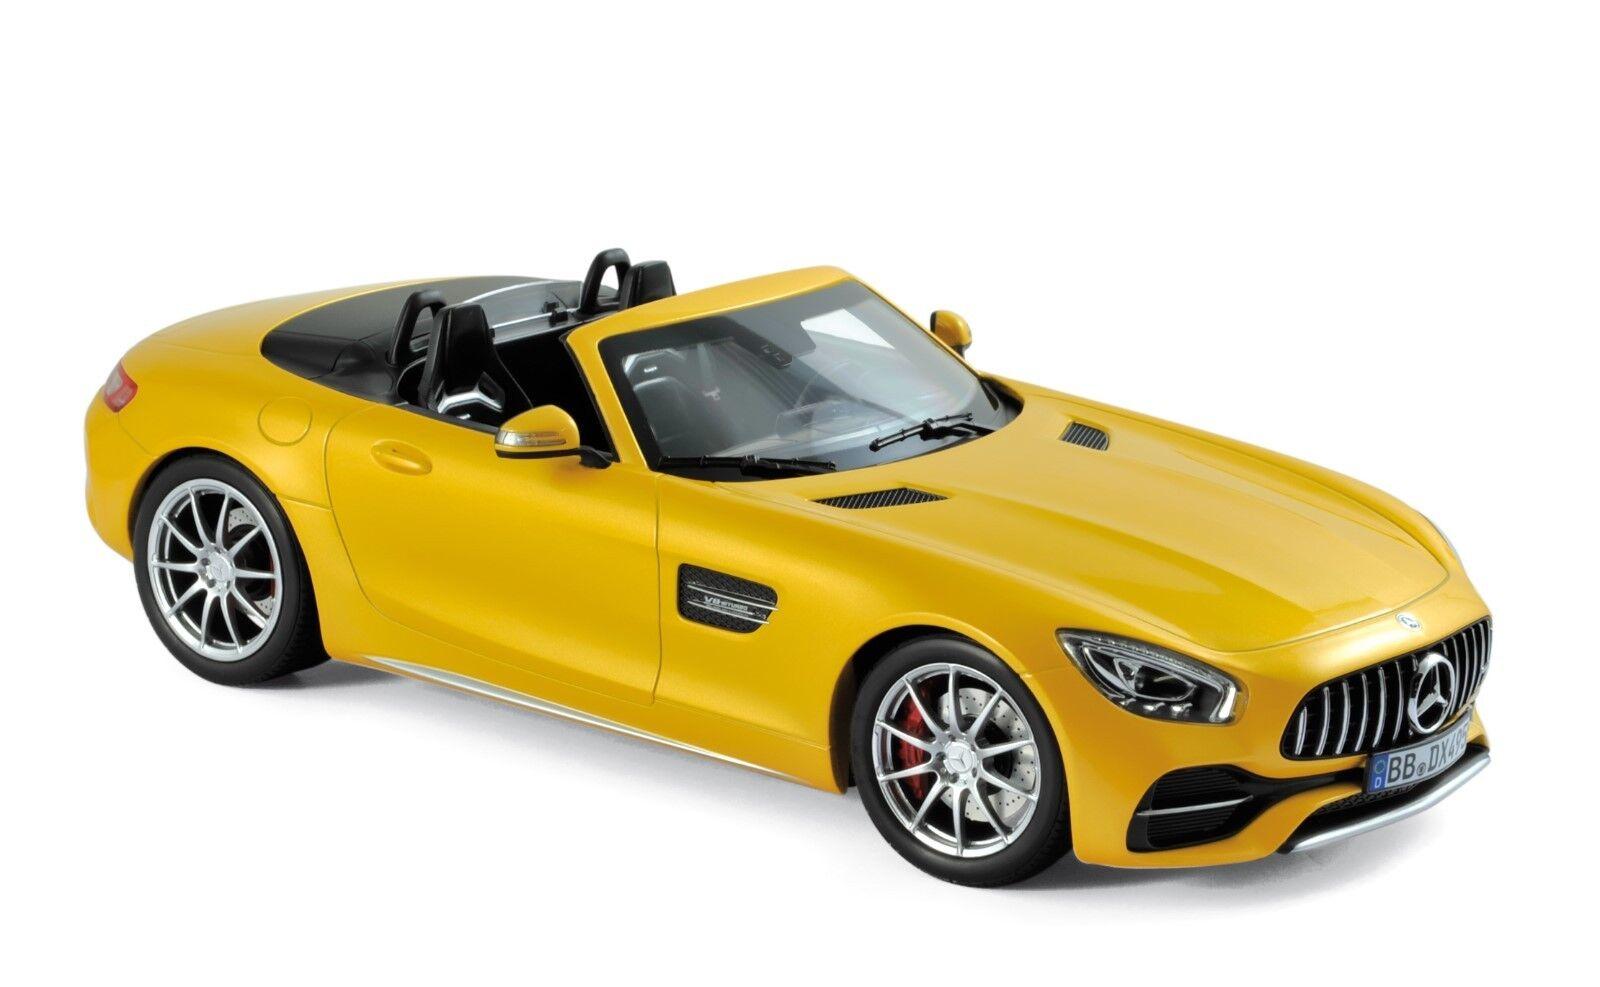 Mercedes AMG GT C roadster amarillo metalizado 1 18 norev 183451 nuevo & OVP